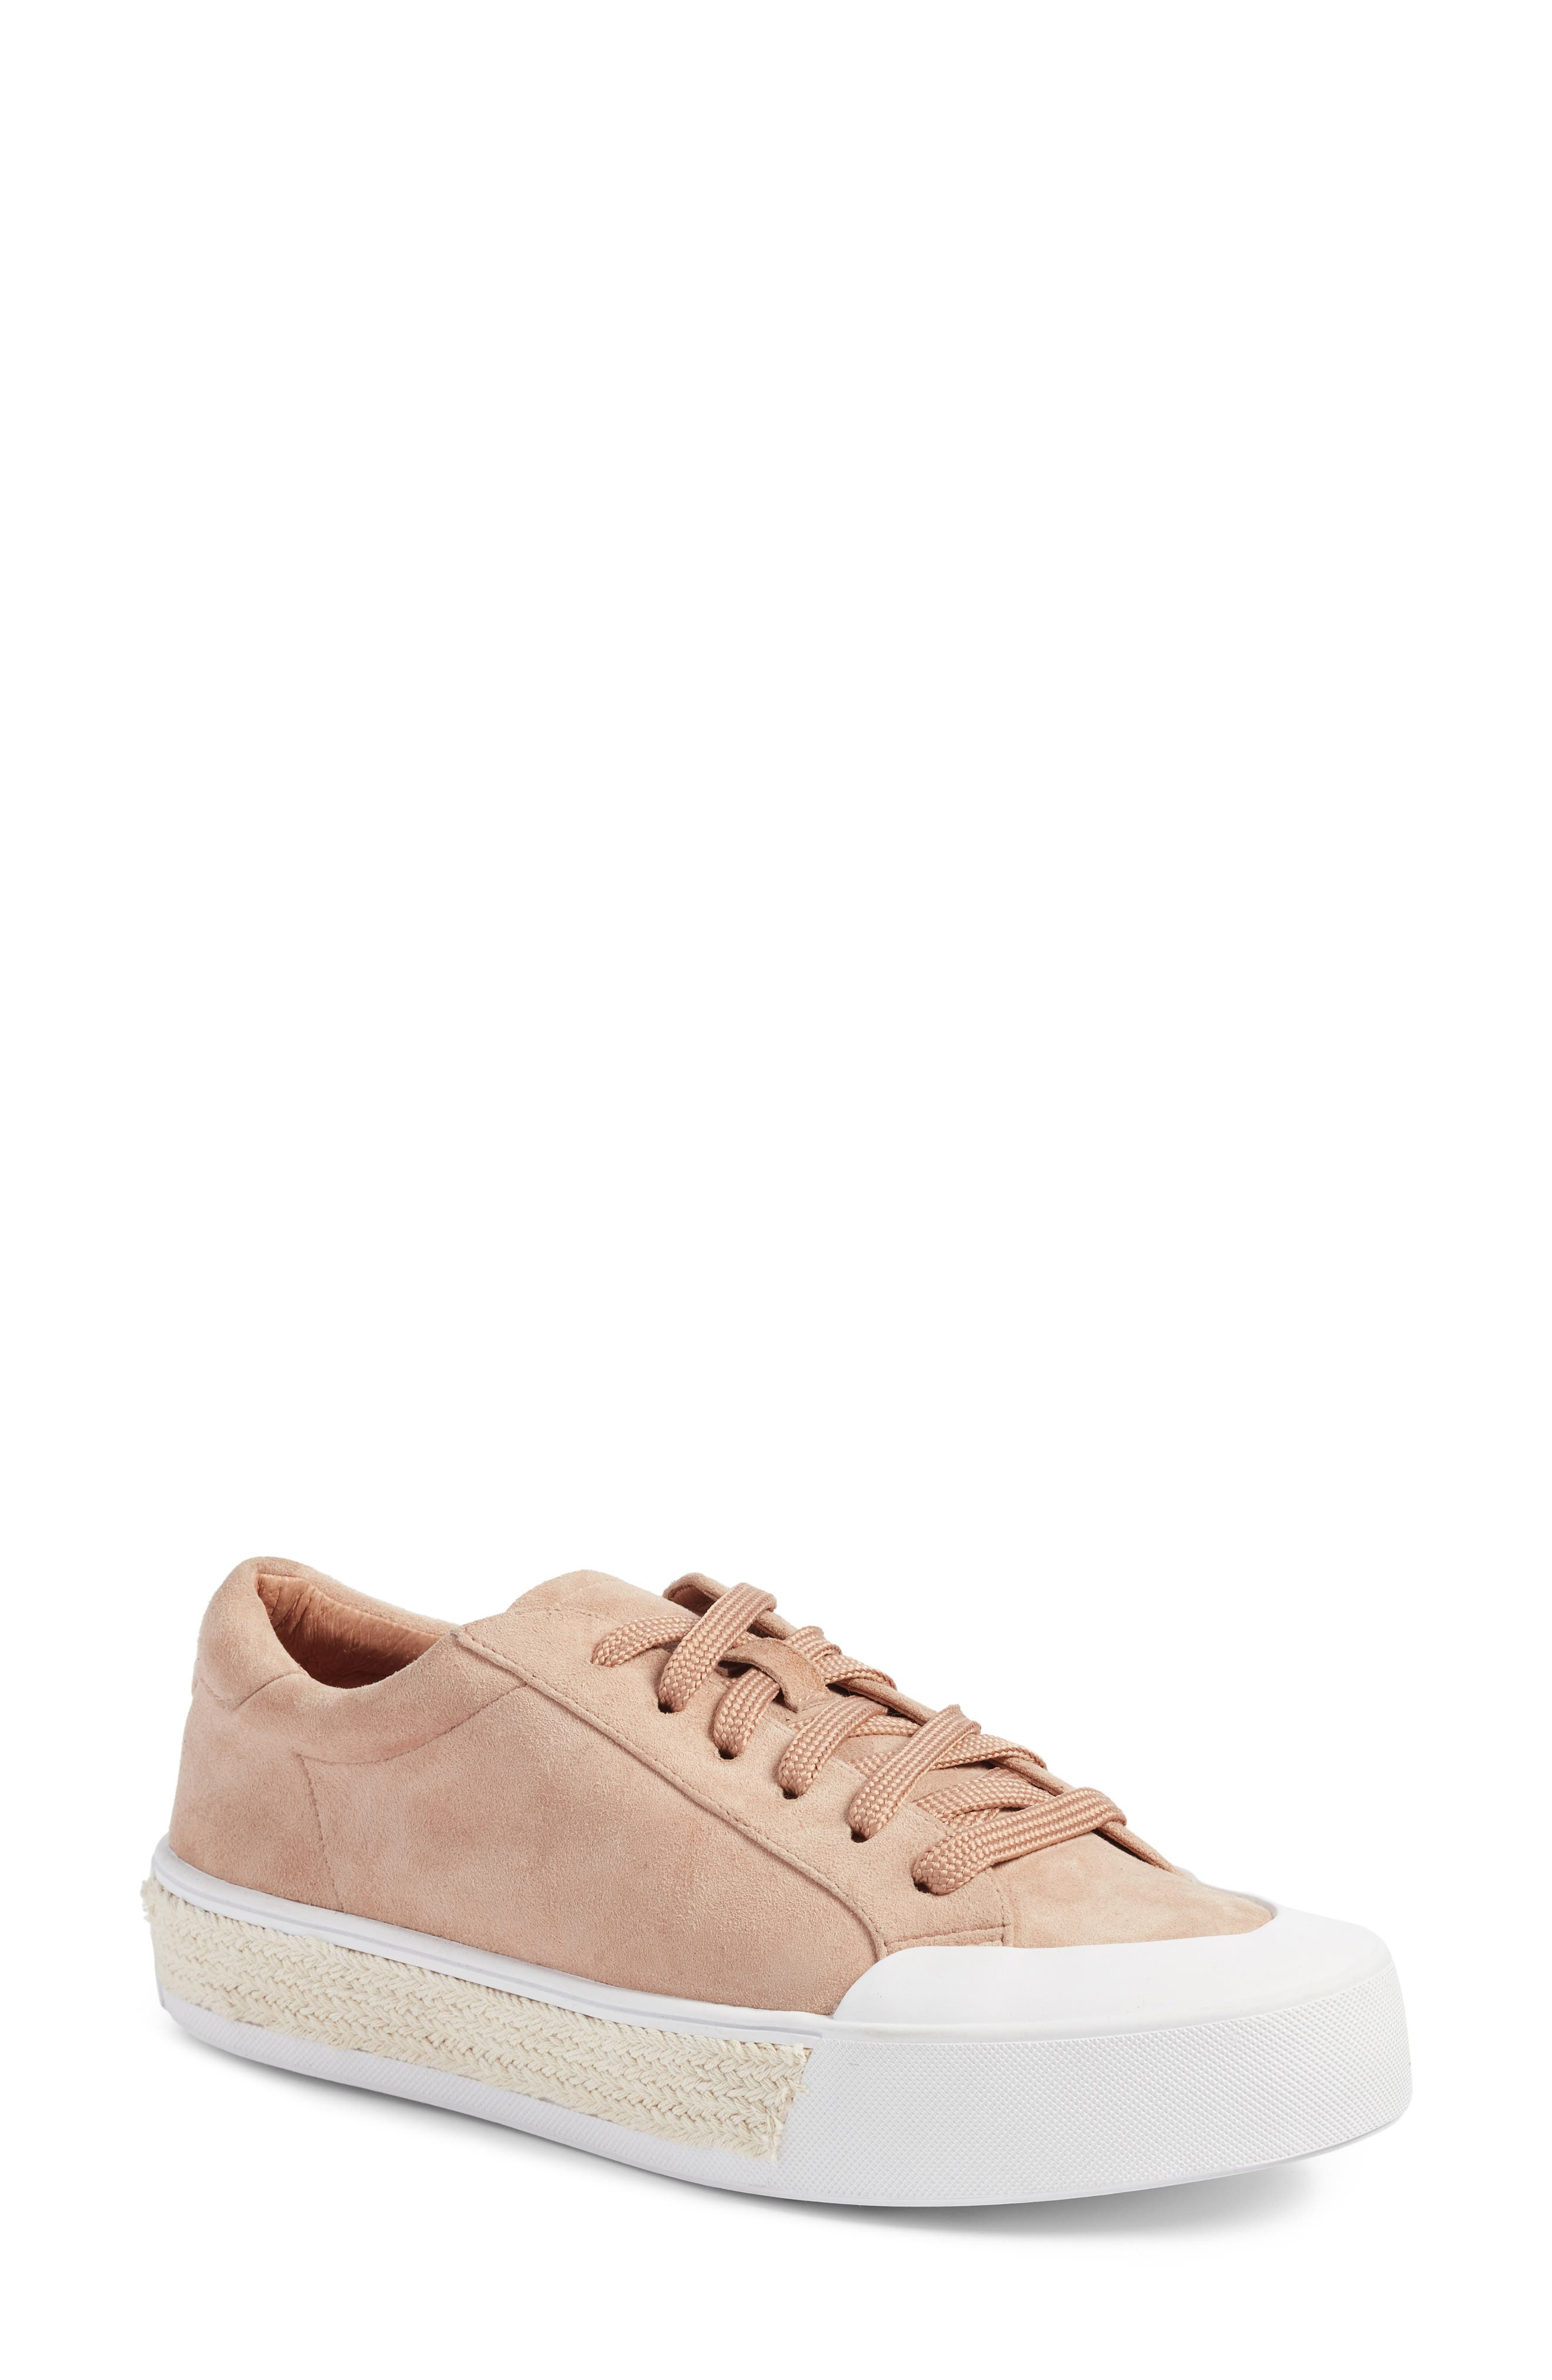 Caslon Women's Caslon Toran Platform Sneaker az698y6Dw